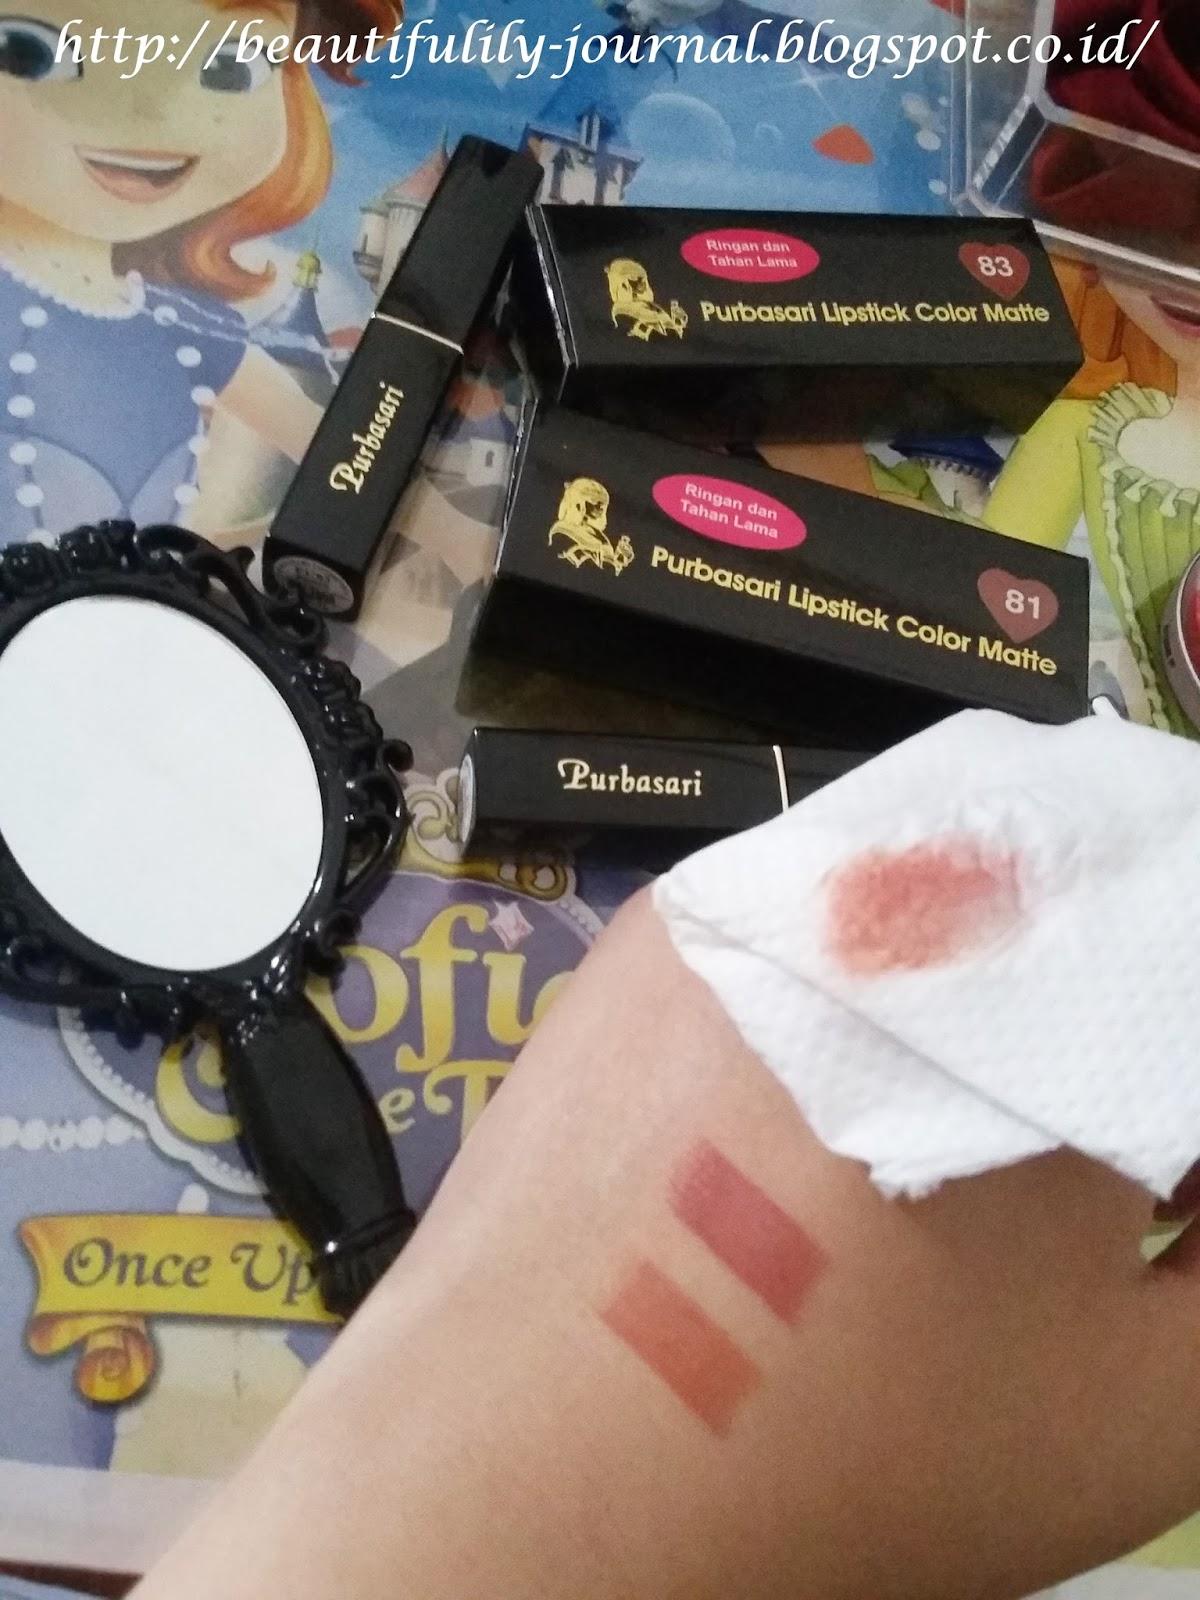 Beautifulily Journal Review Purbasari Lipstick Color Matte In 81 Colour And What Nya Tetap Nempel Nggak Bergoyah Bahkan Udah Aku Pakai Makan Siang Ku Wudhu Masih Walau Mulai Pudar Sedikit